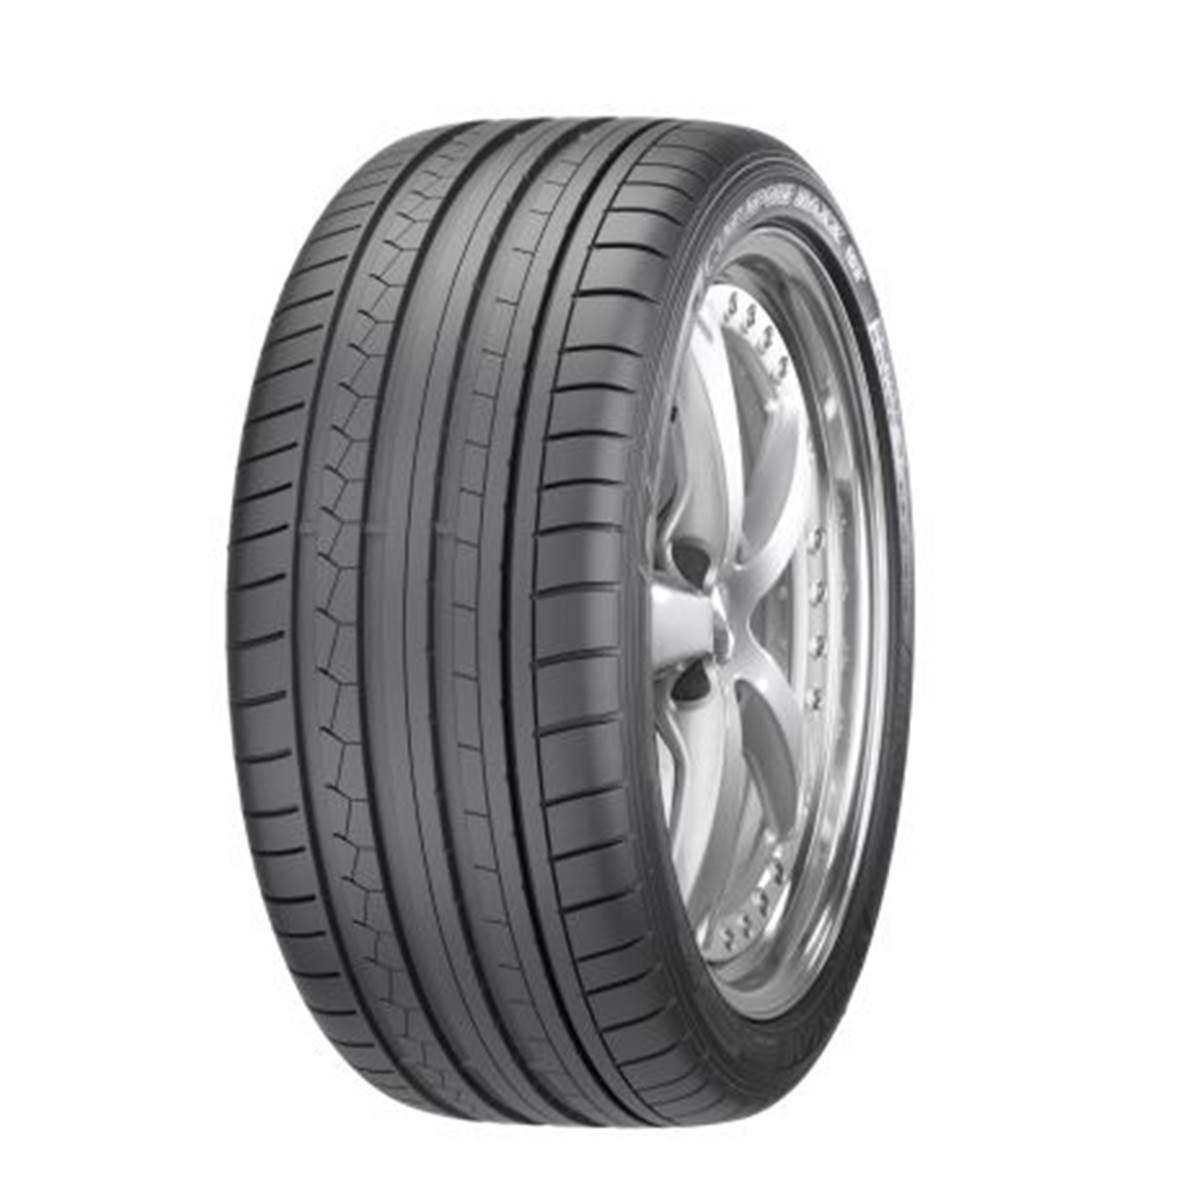 Dunlop Sp Sport Maxx Gt Mfs V1